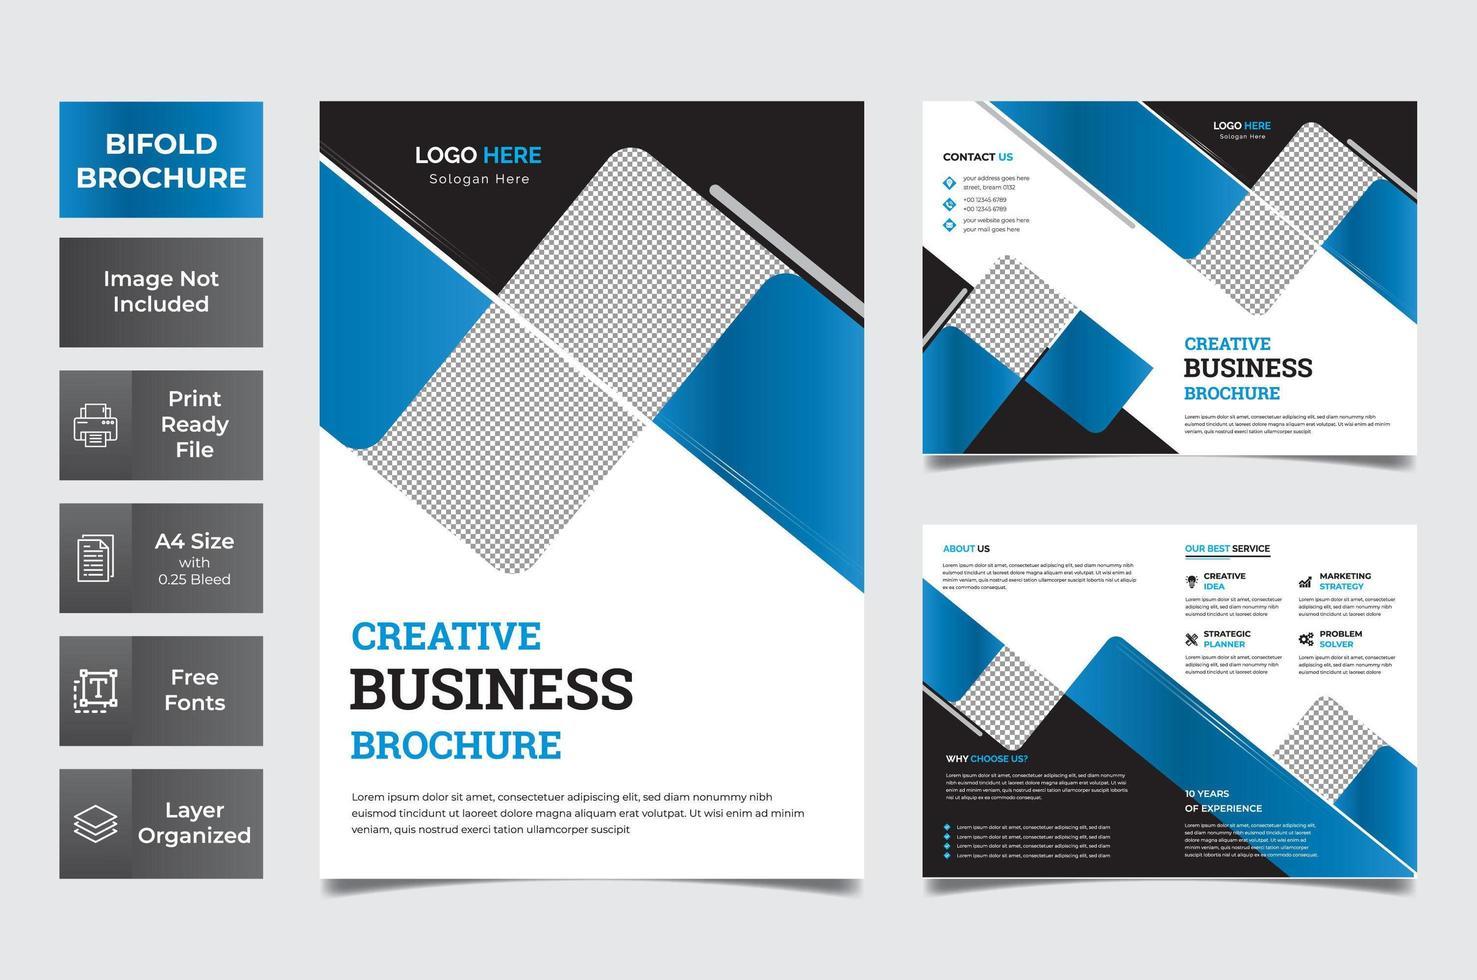 blaue, weiße und schwarze Bifold-Unternehmensbroschüre vektor